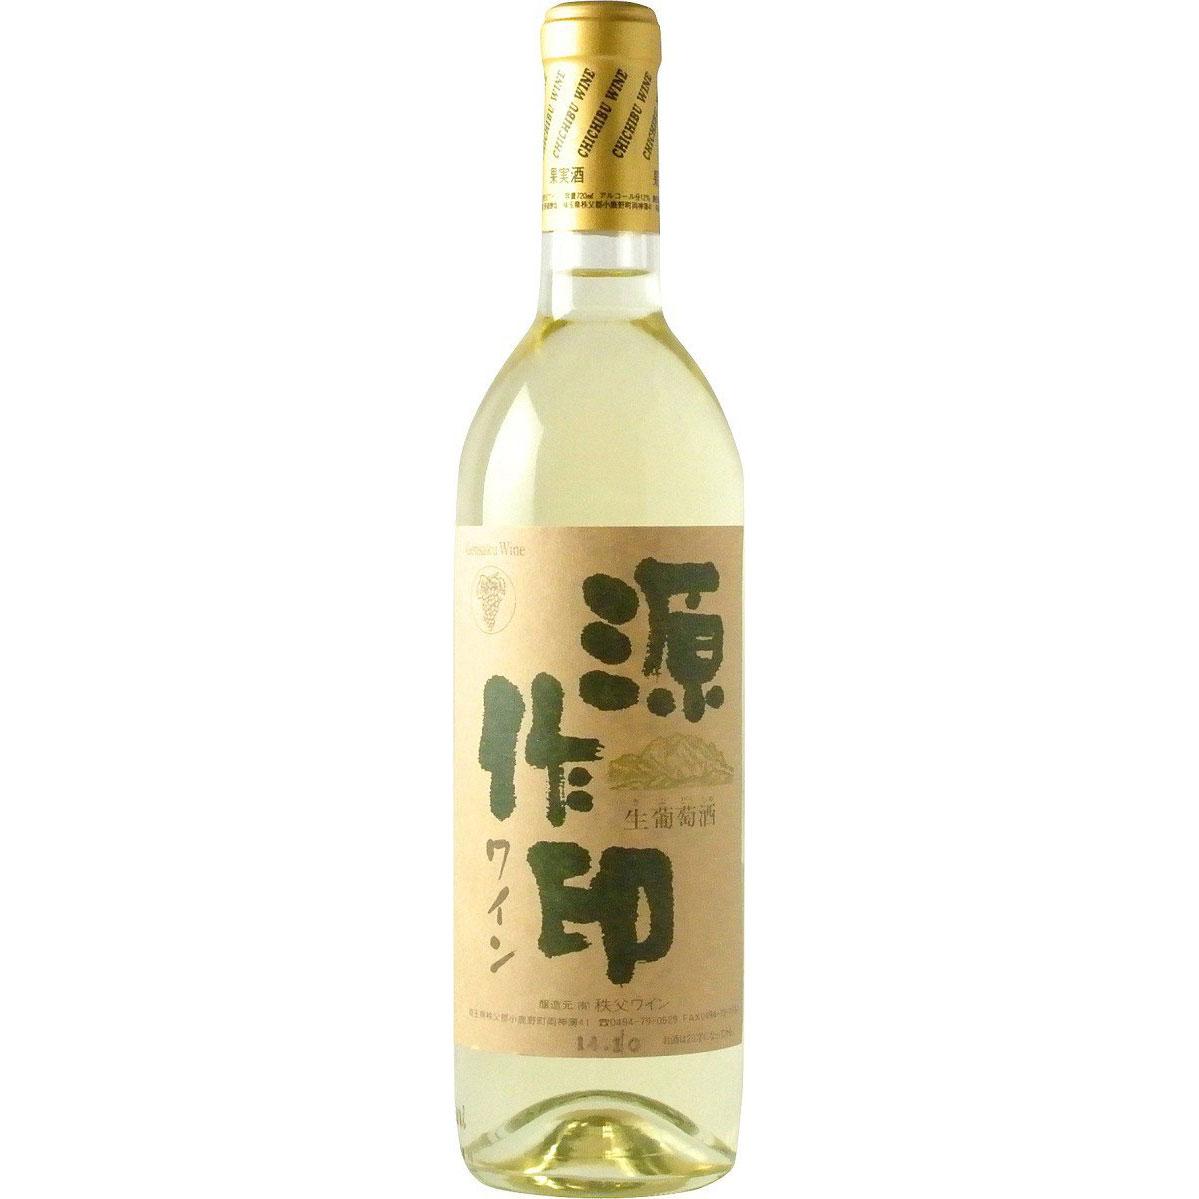 【お年賀 ギフト】源作印ワイン 白 720ml 埼玉県 秩父ワイン 赤ワイン コンビニ受取対応商品 ヴィンテージ管理しておりません、変わる場合があります